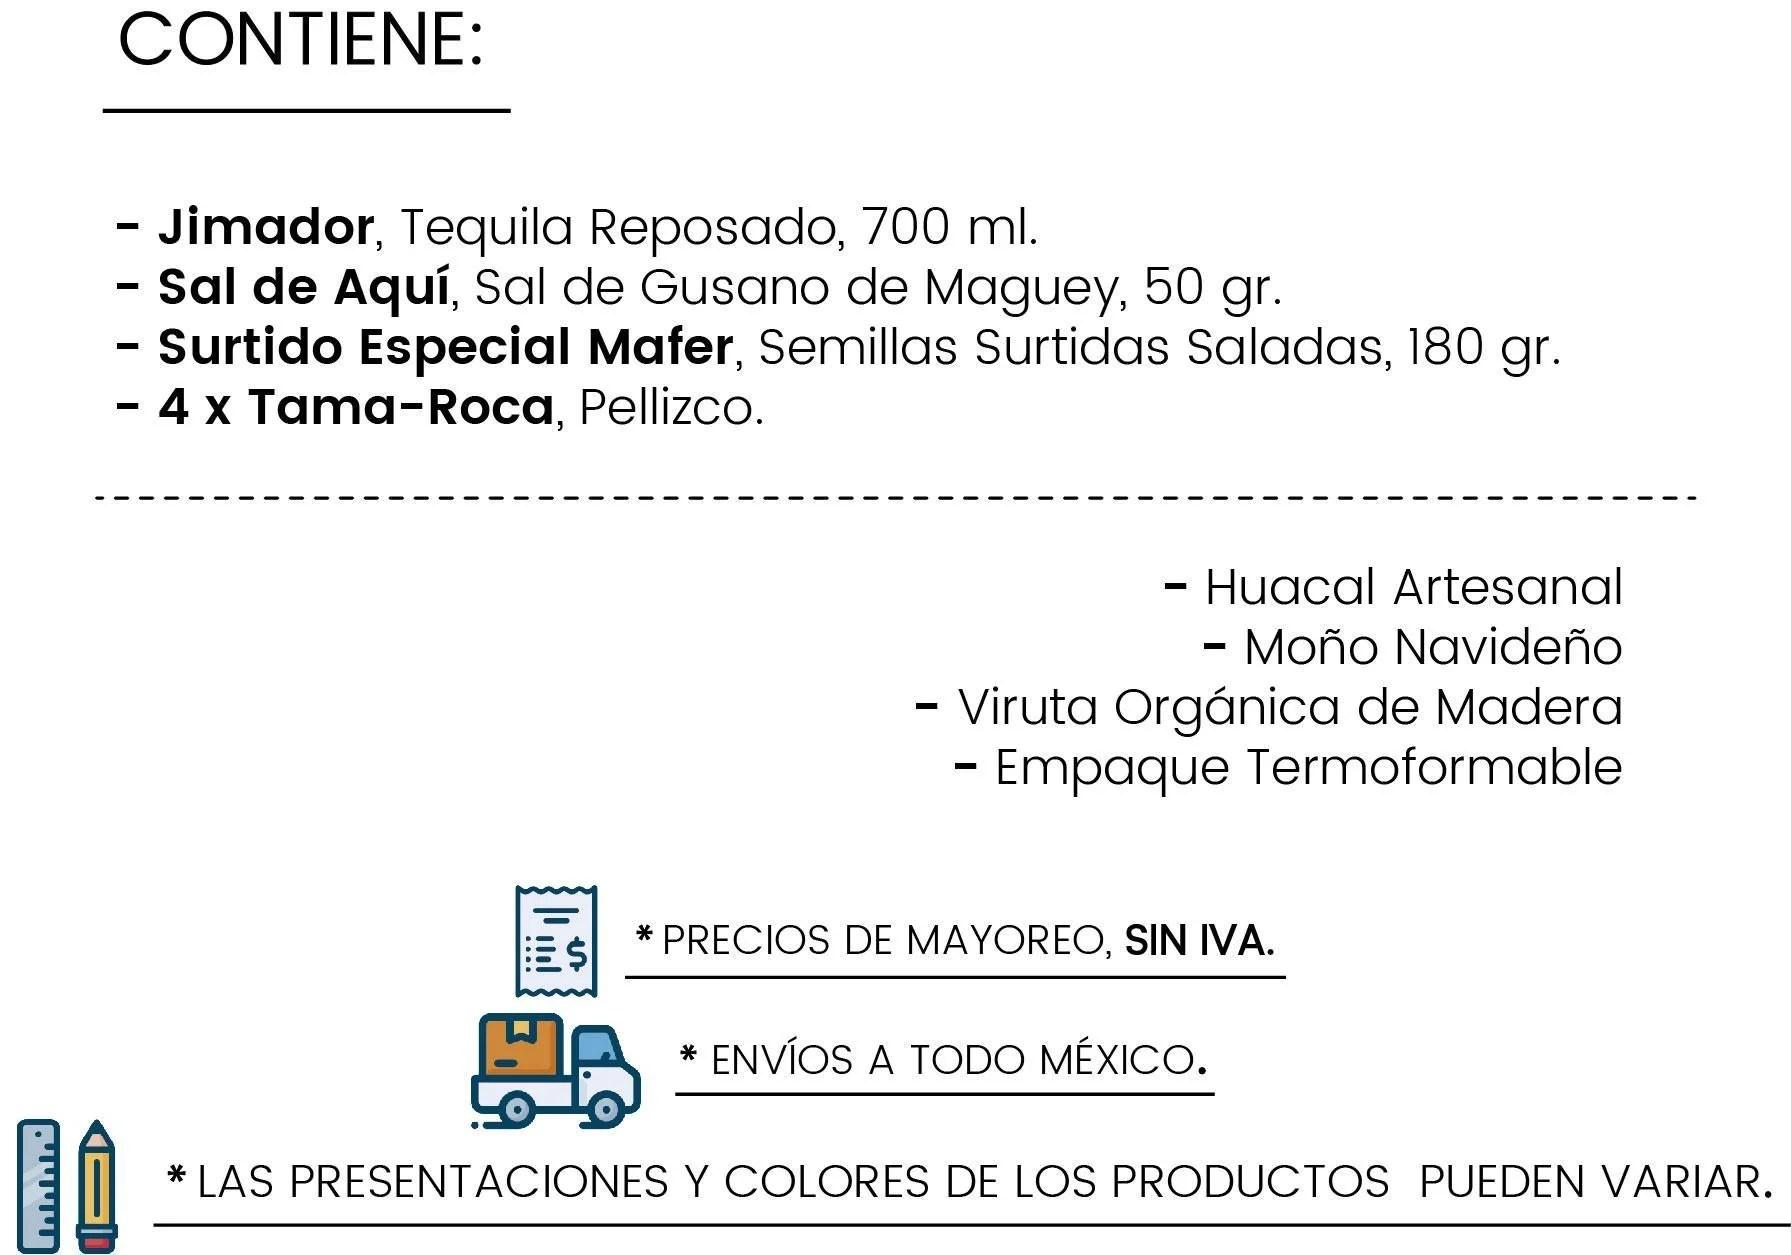 Contenido Huacal Tequilero by Tienda de Canastas